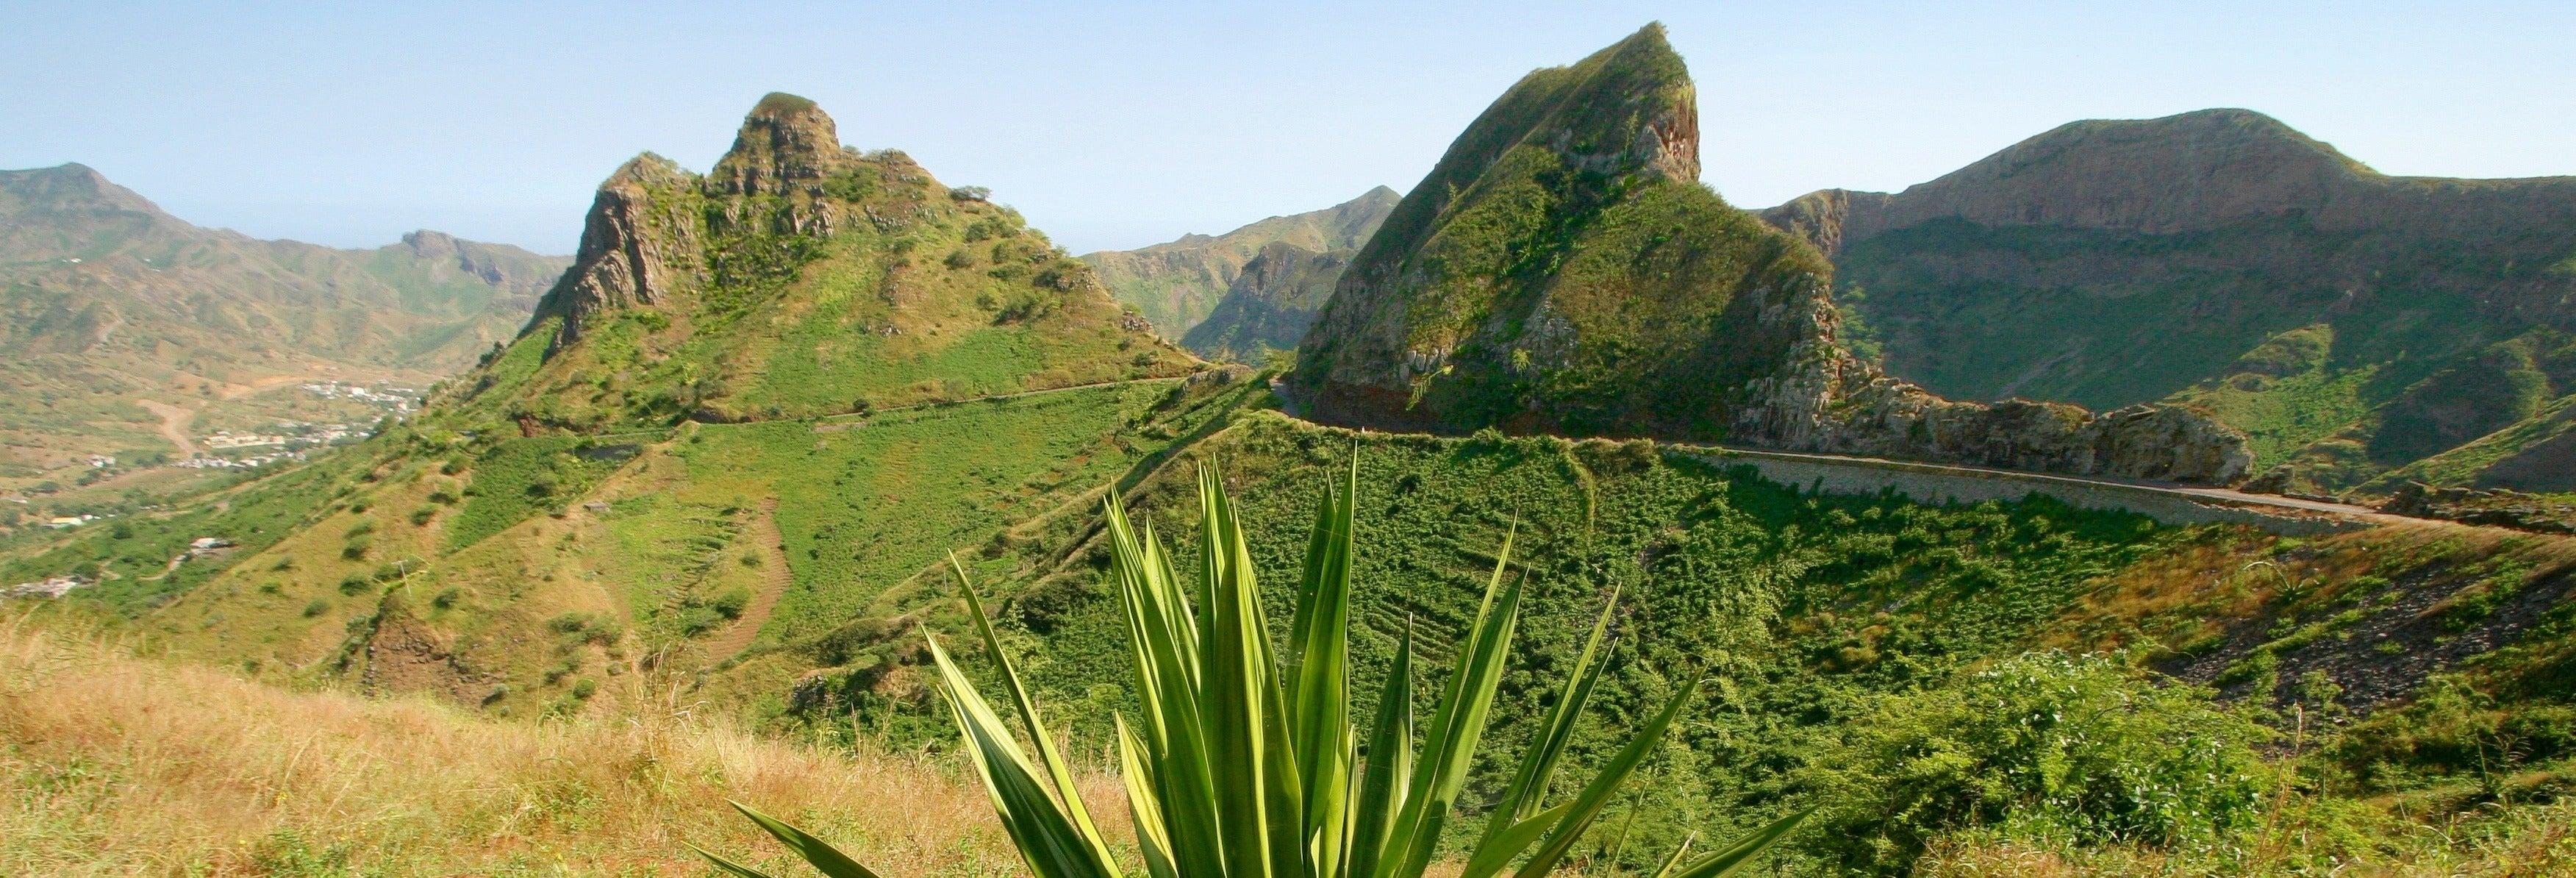 Senderismo por el Monte Tchota y el Pico d'Antónia